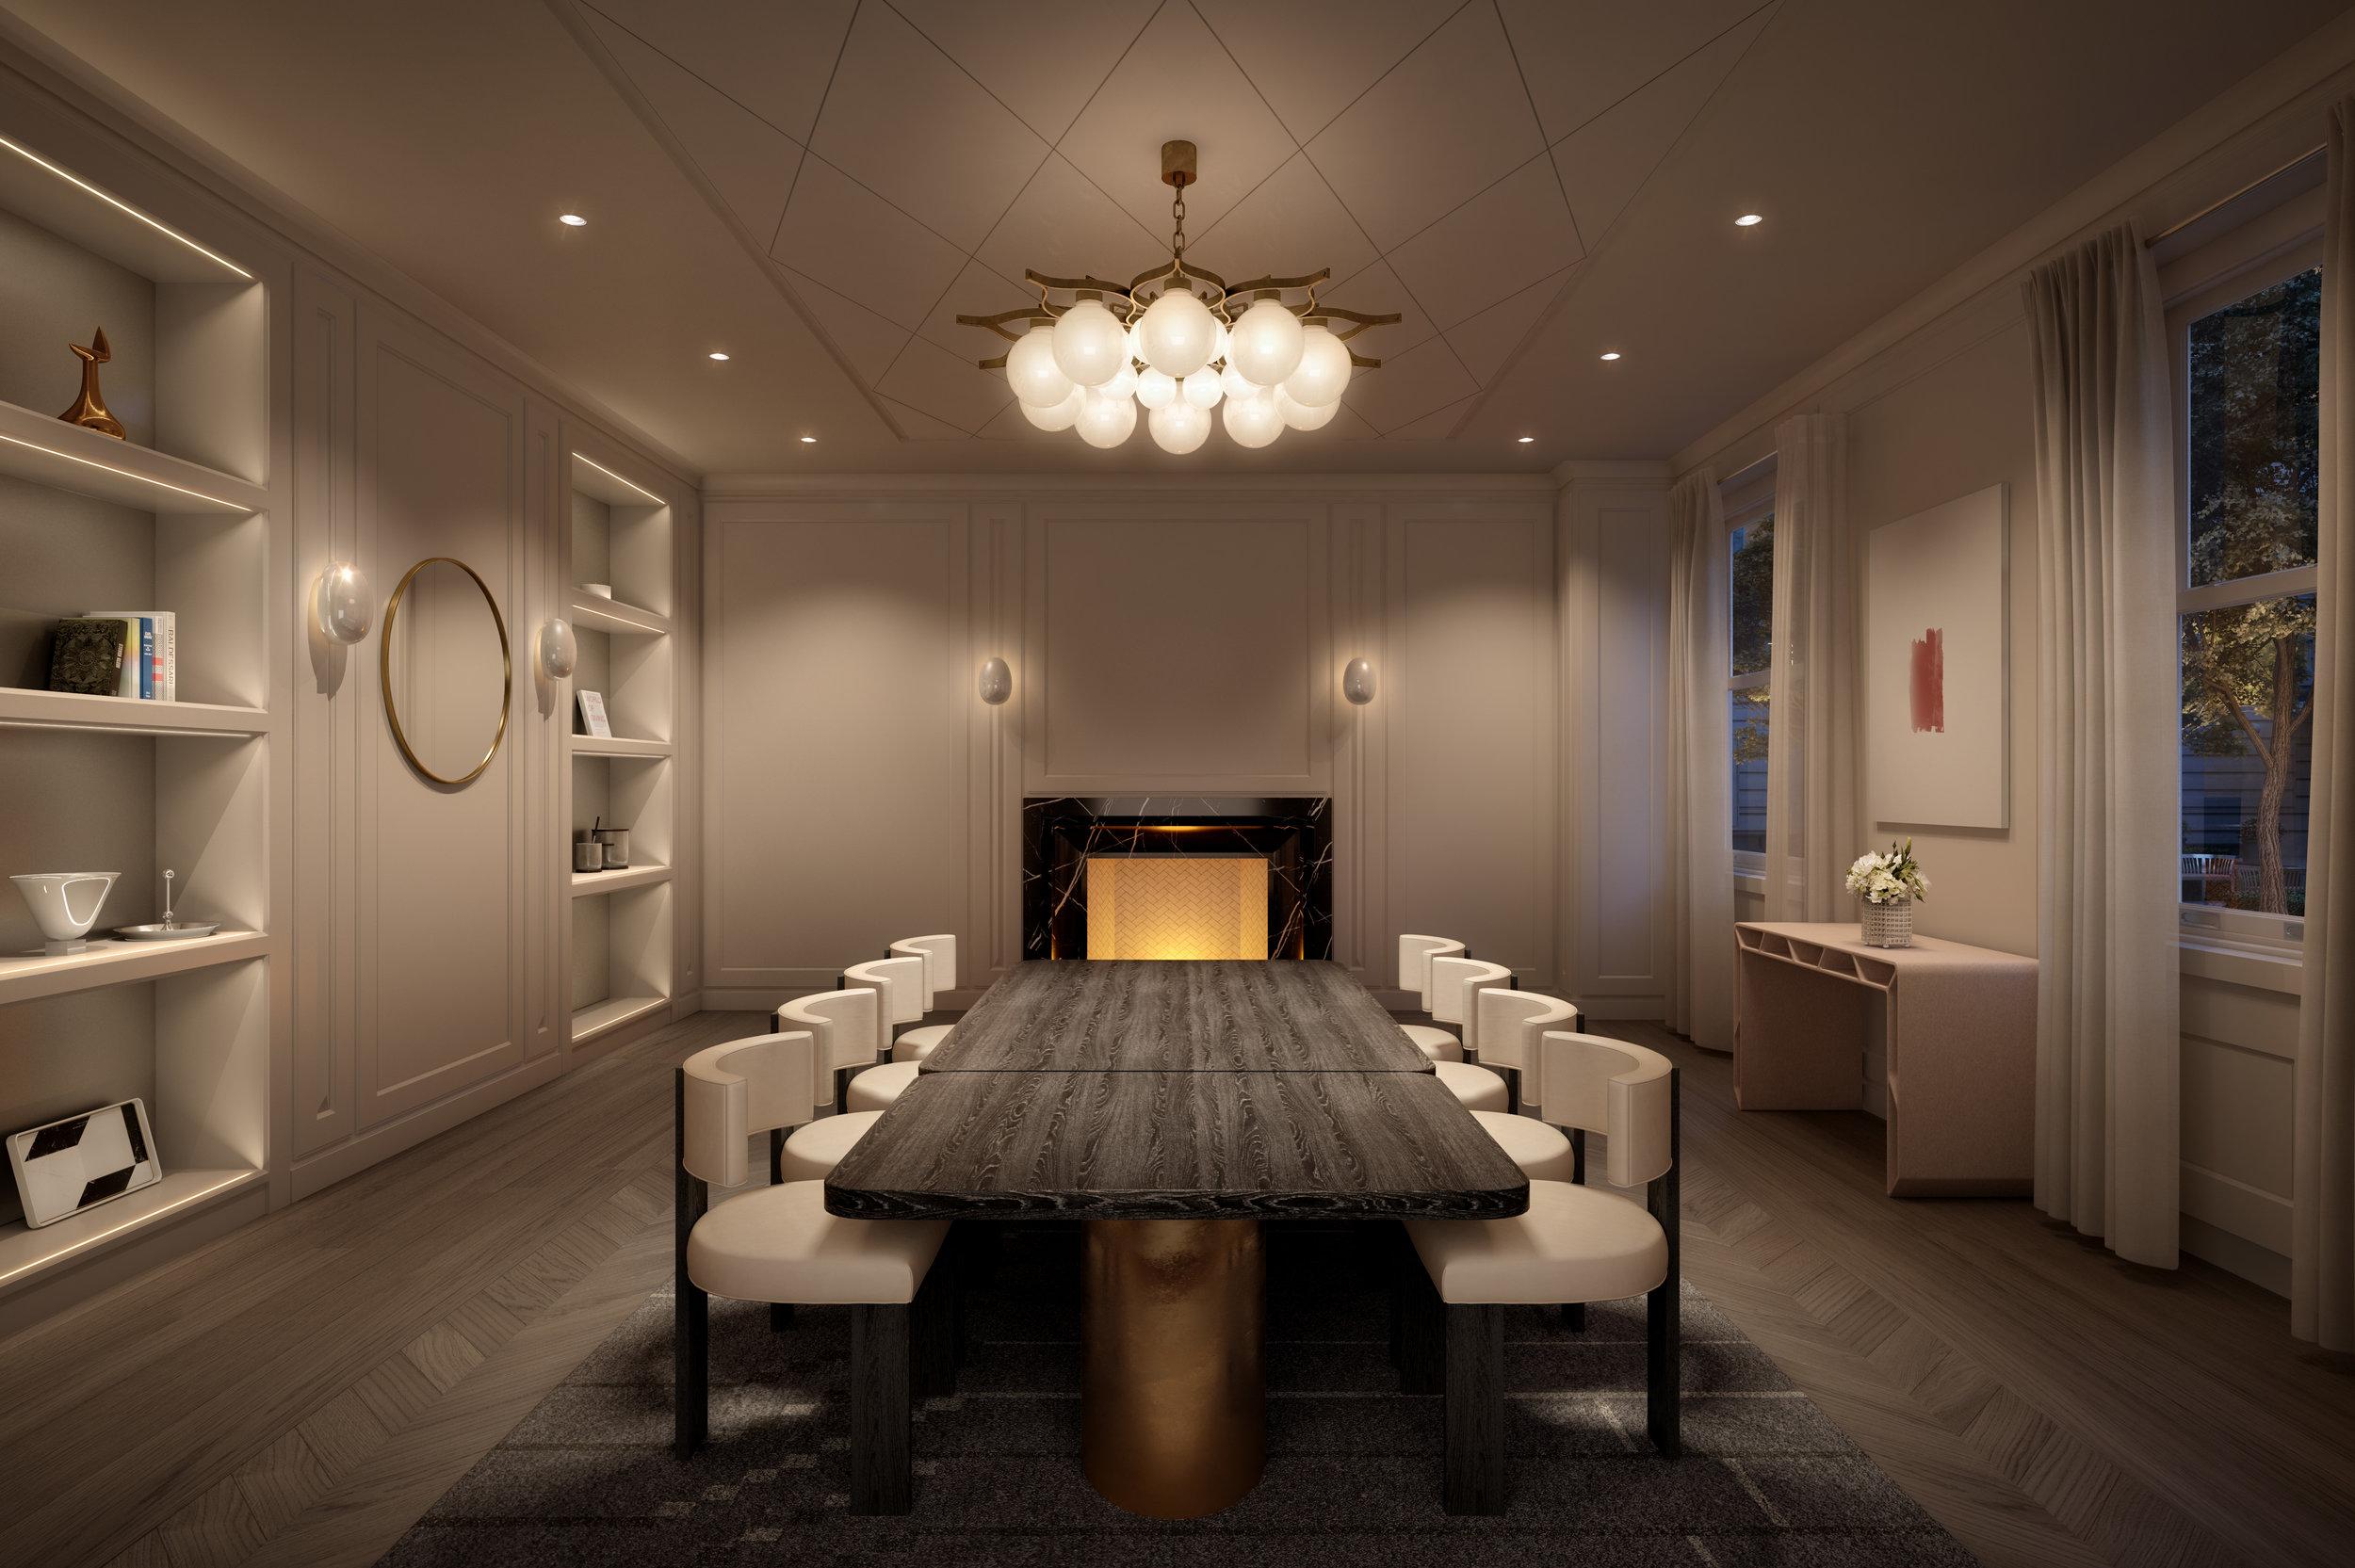 02_dining_room.jpg